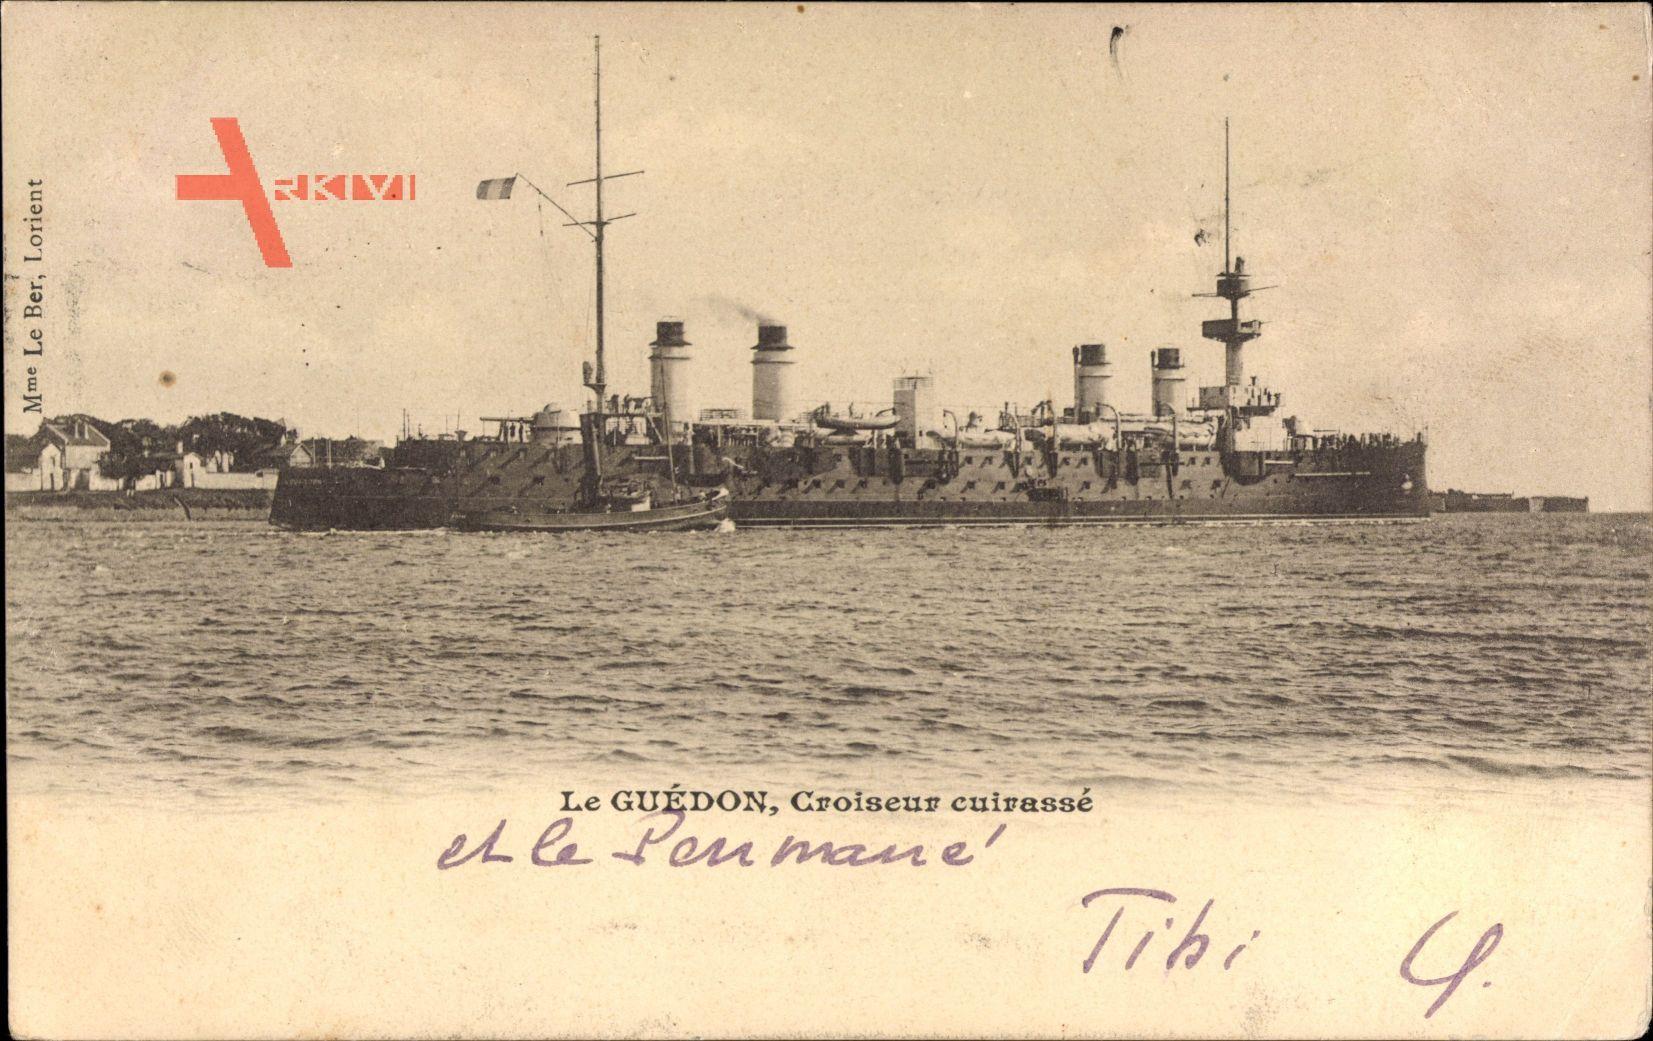 Französisches Kriegsschiff, Guédon, Croiseur cuirassé